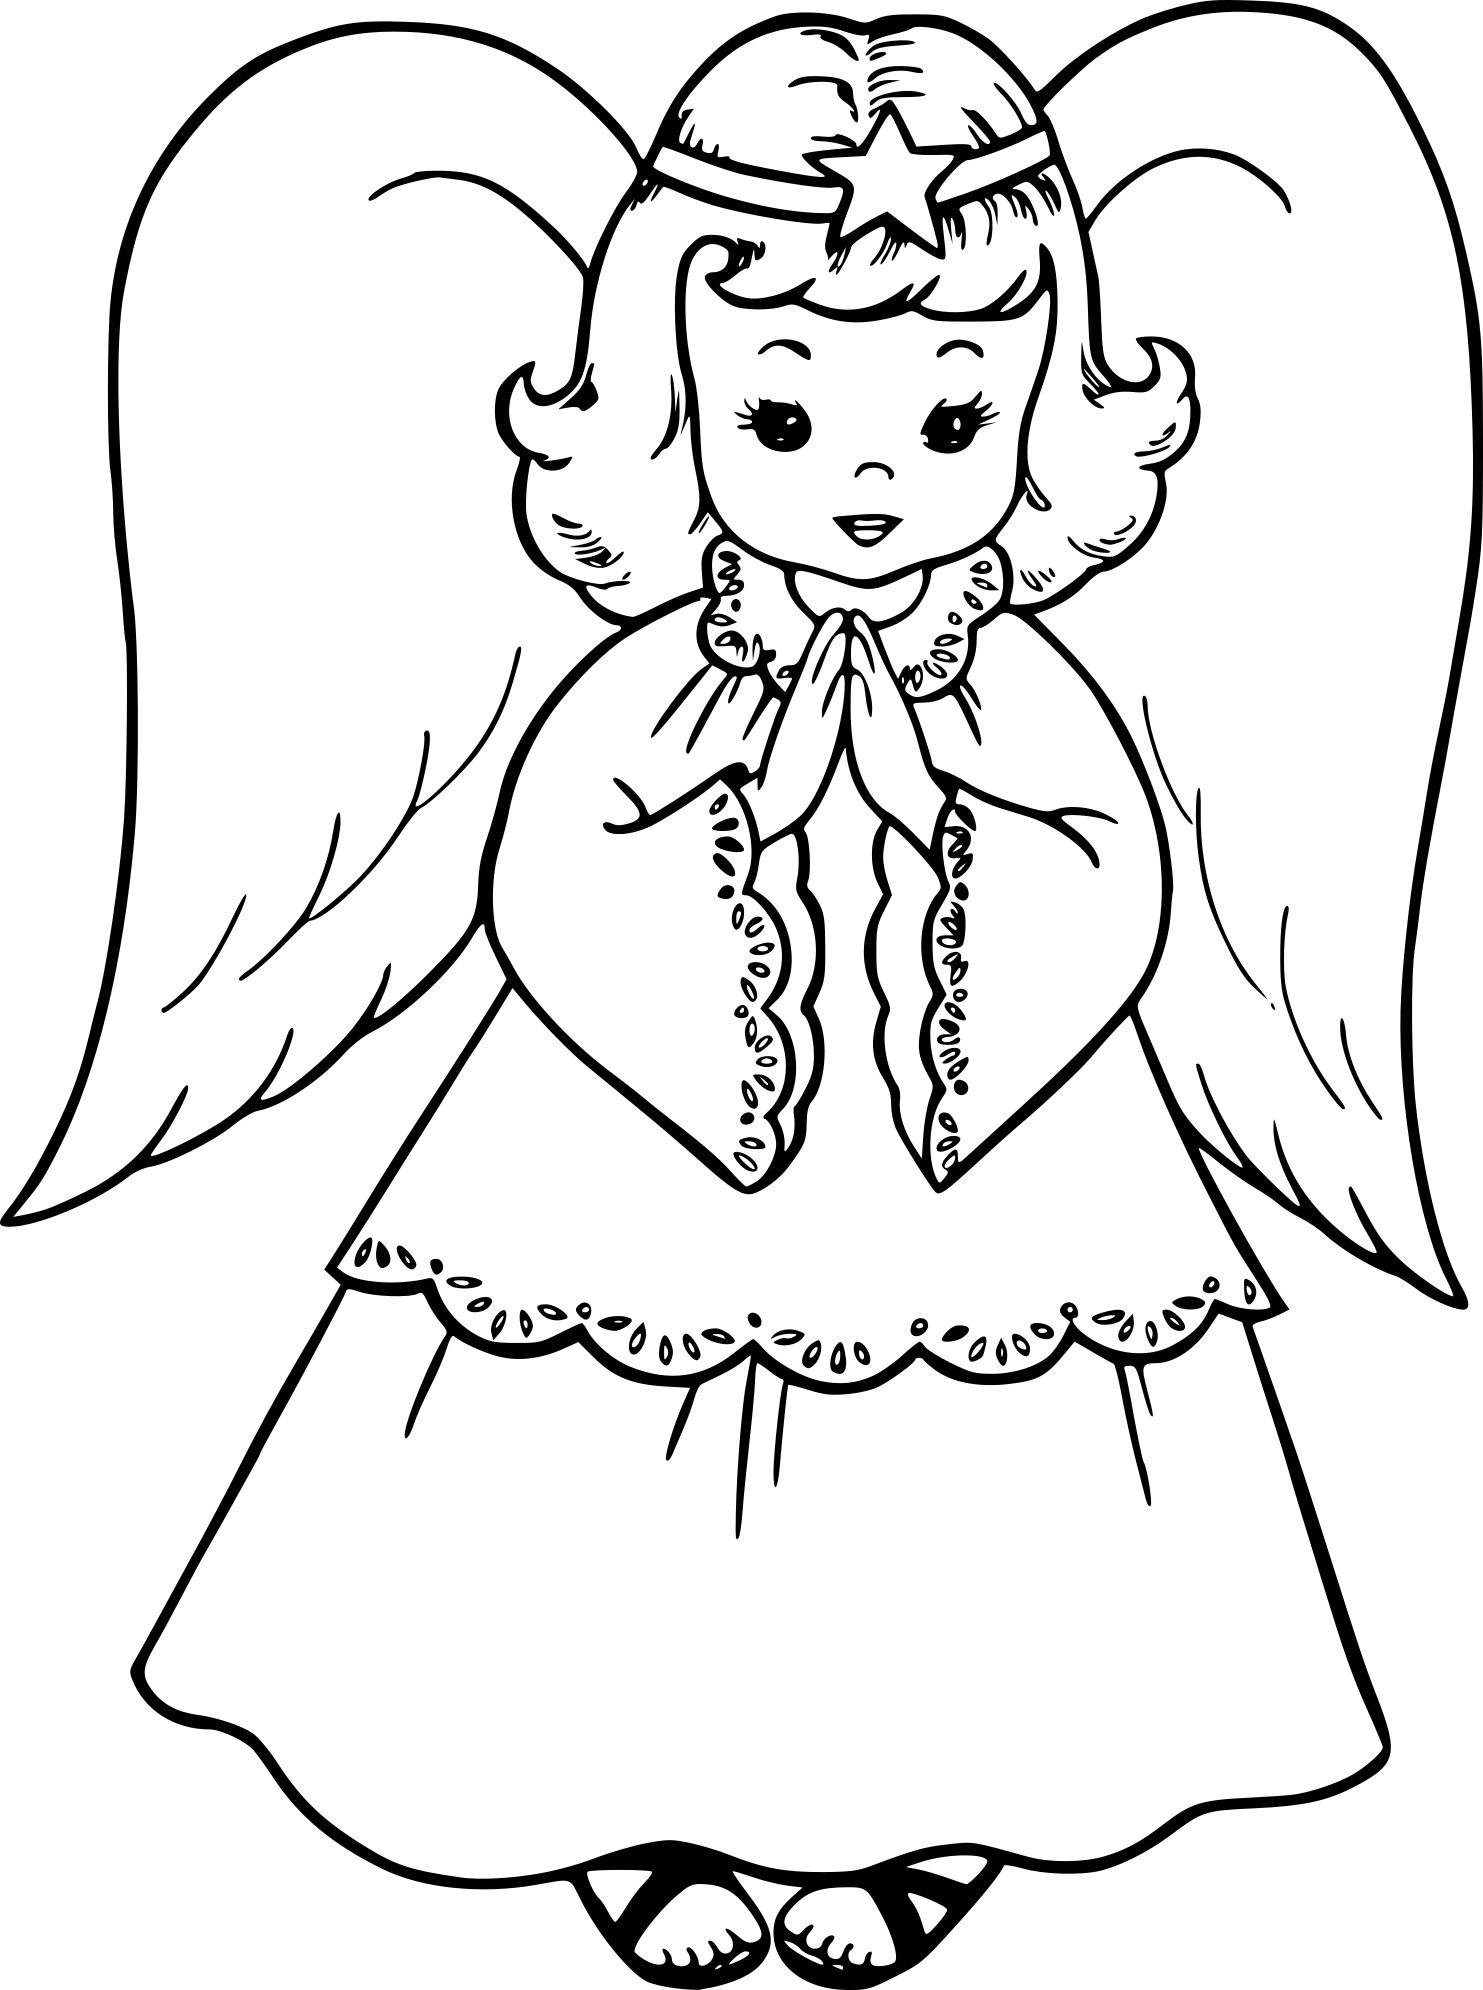 Coloriage Ange De Noel Dessin À Imprimer Sur Coloriages concernant Ange A Colorier